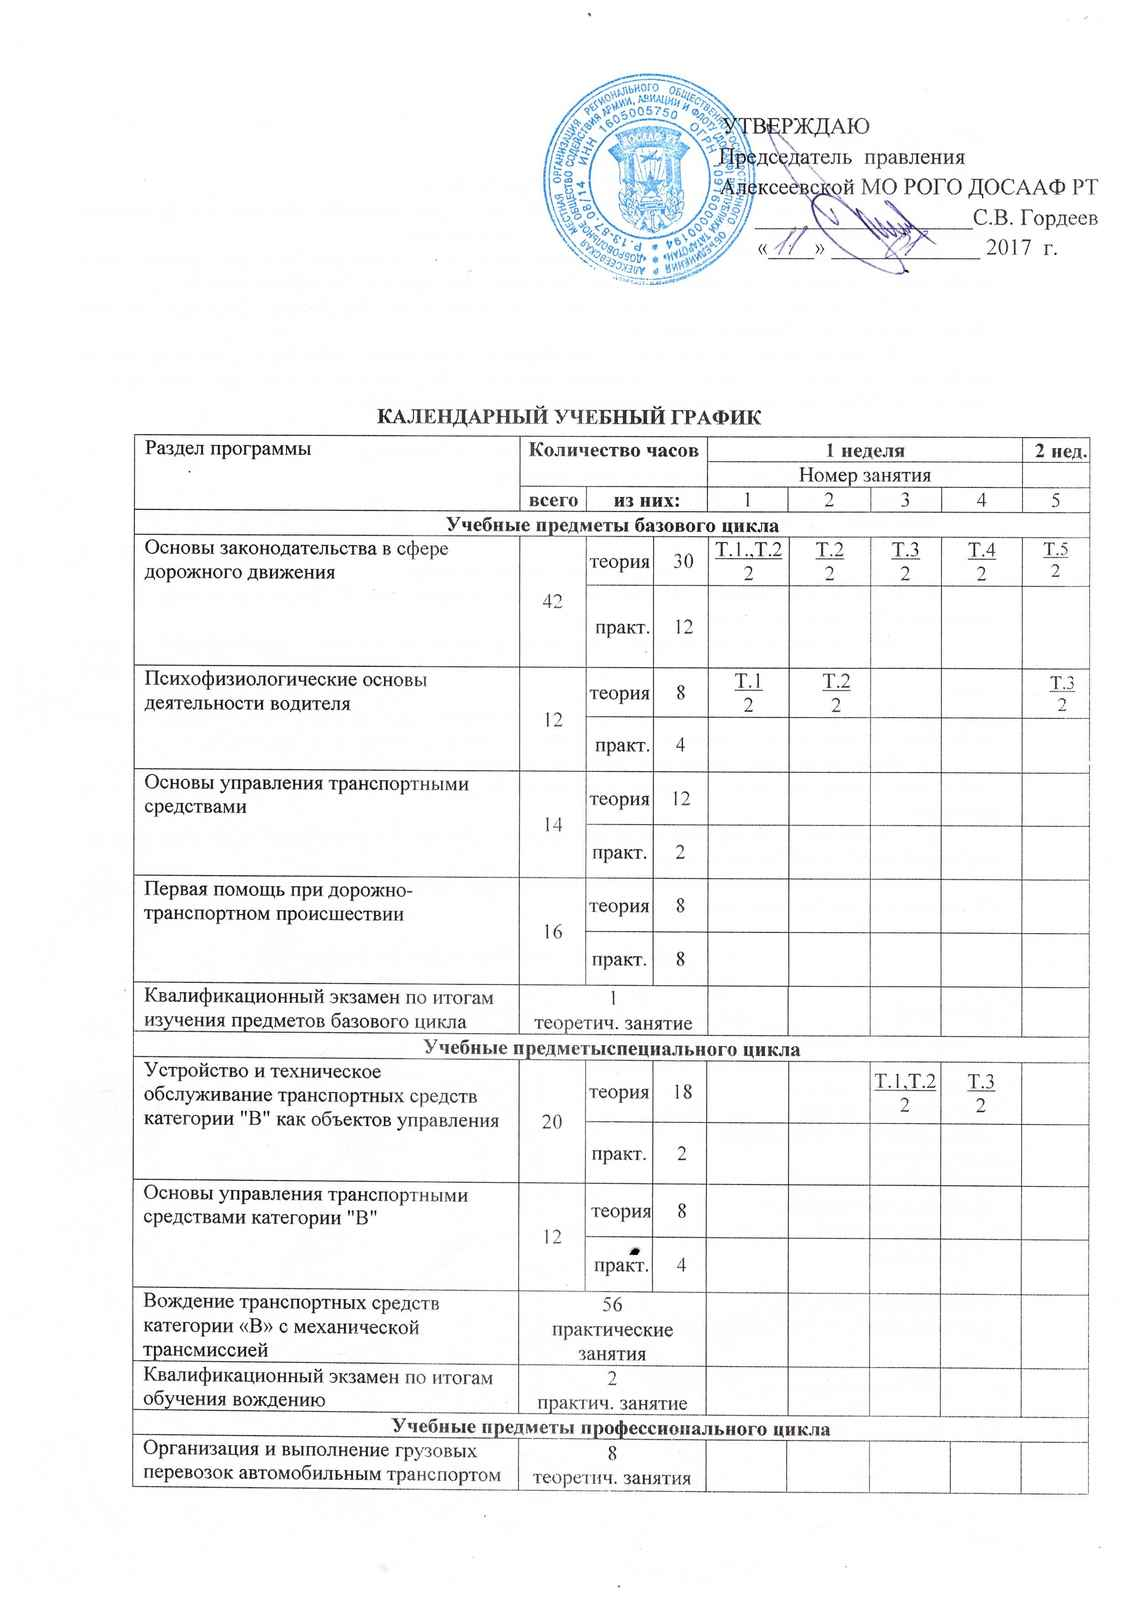 Справка о надомном обучении Алексеевский район алгоритм подготовки пациента к клиническому анализу крови